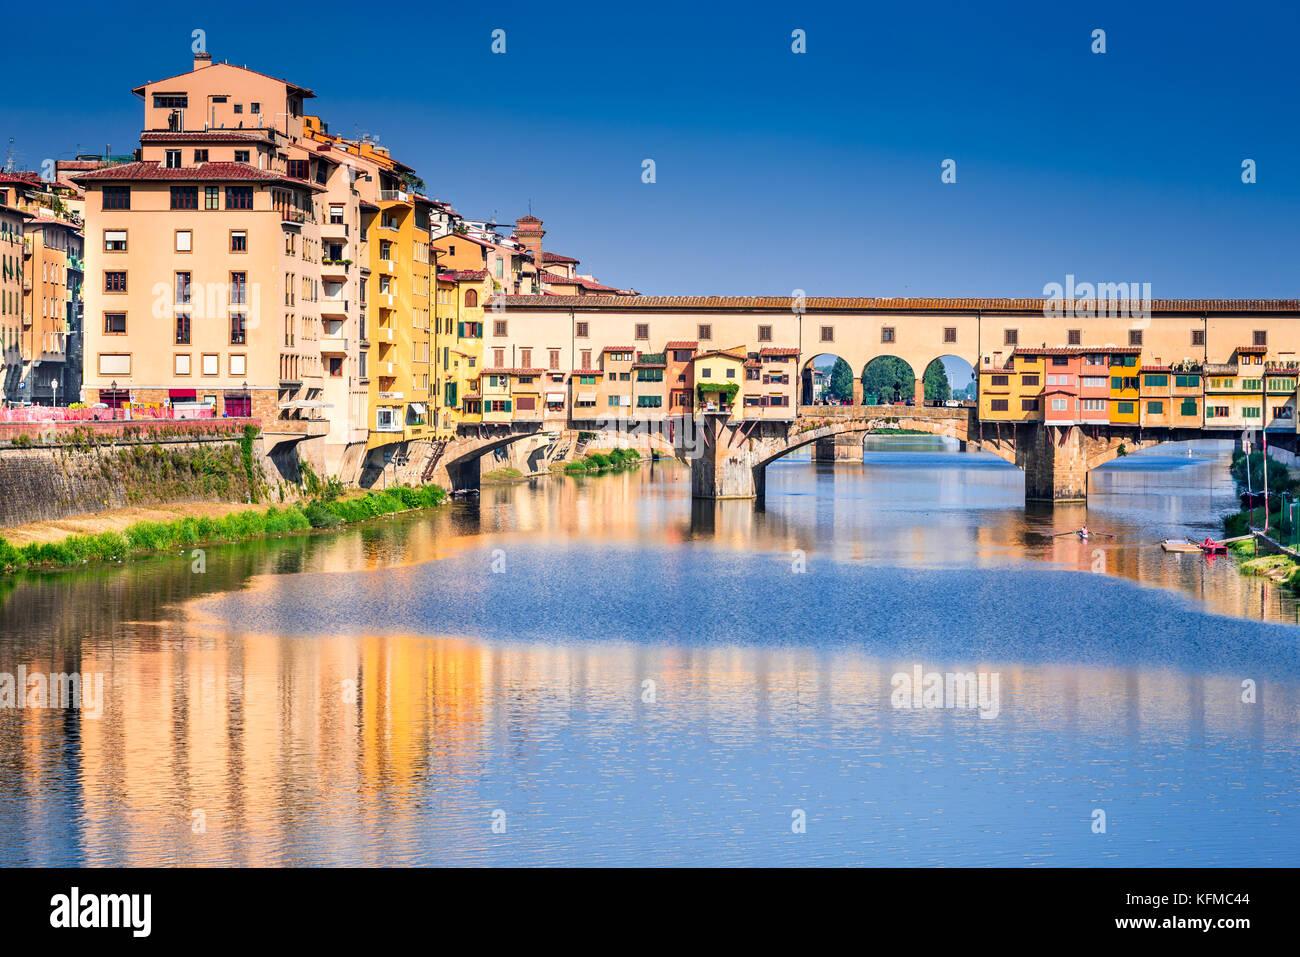 Florencia, la Toscana - Ponte Vecchio, el puente medieval sobre el río Arno sunlighted, Italia. Imagen De Stock